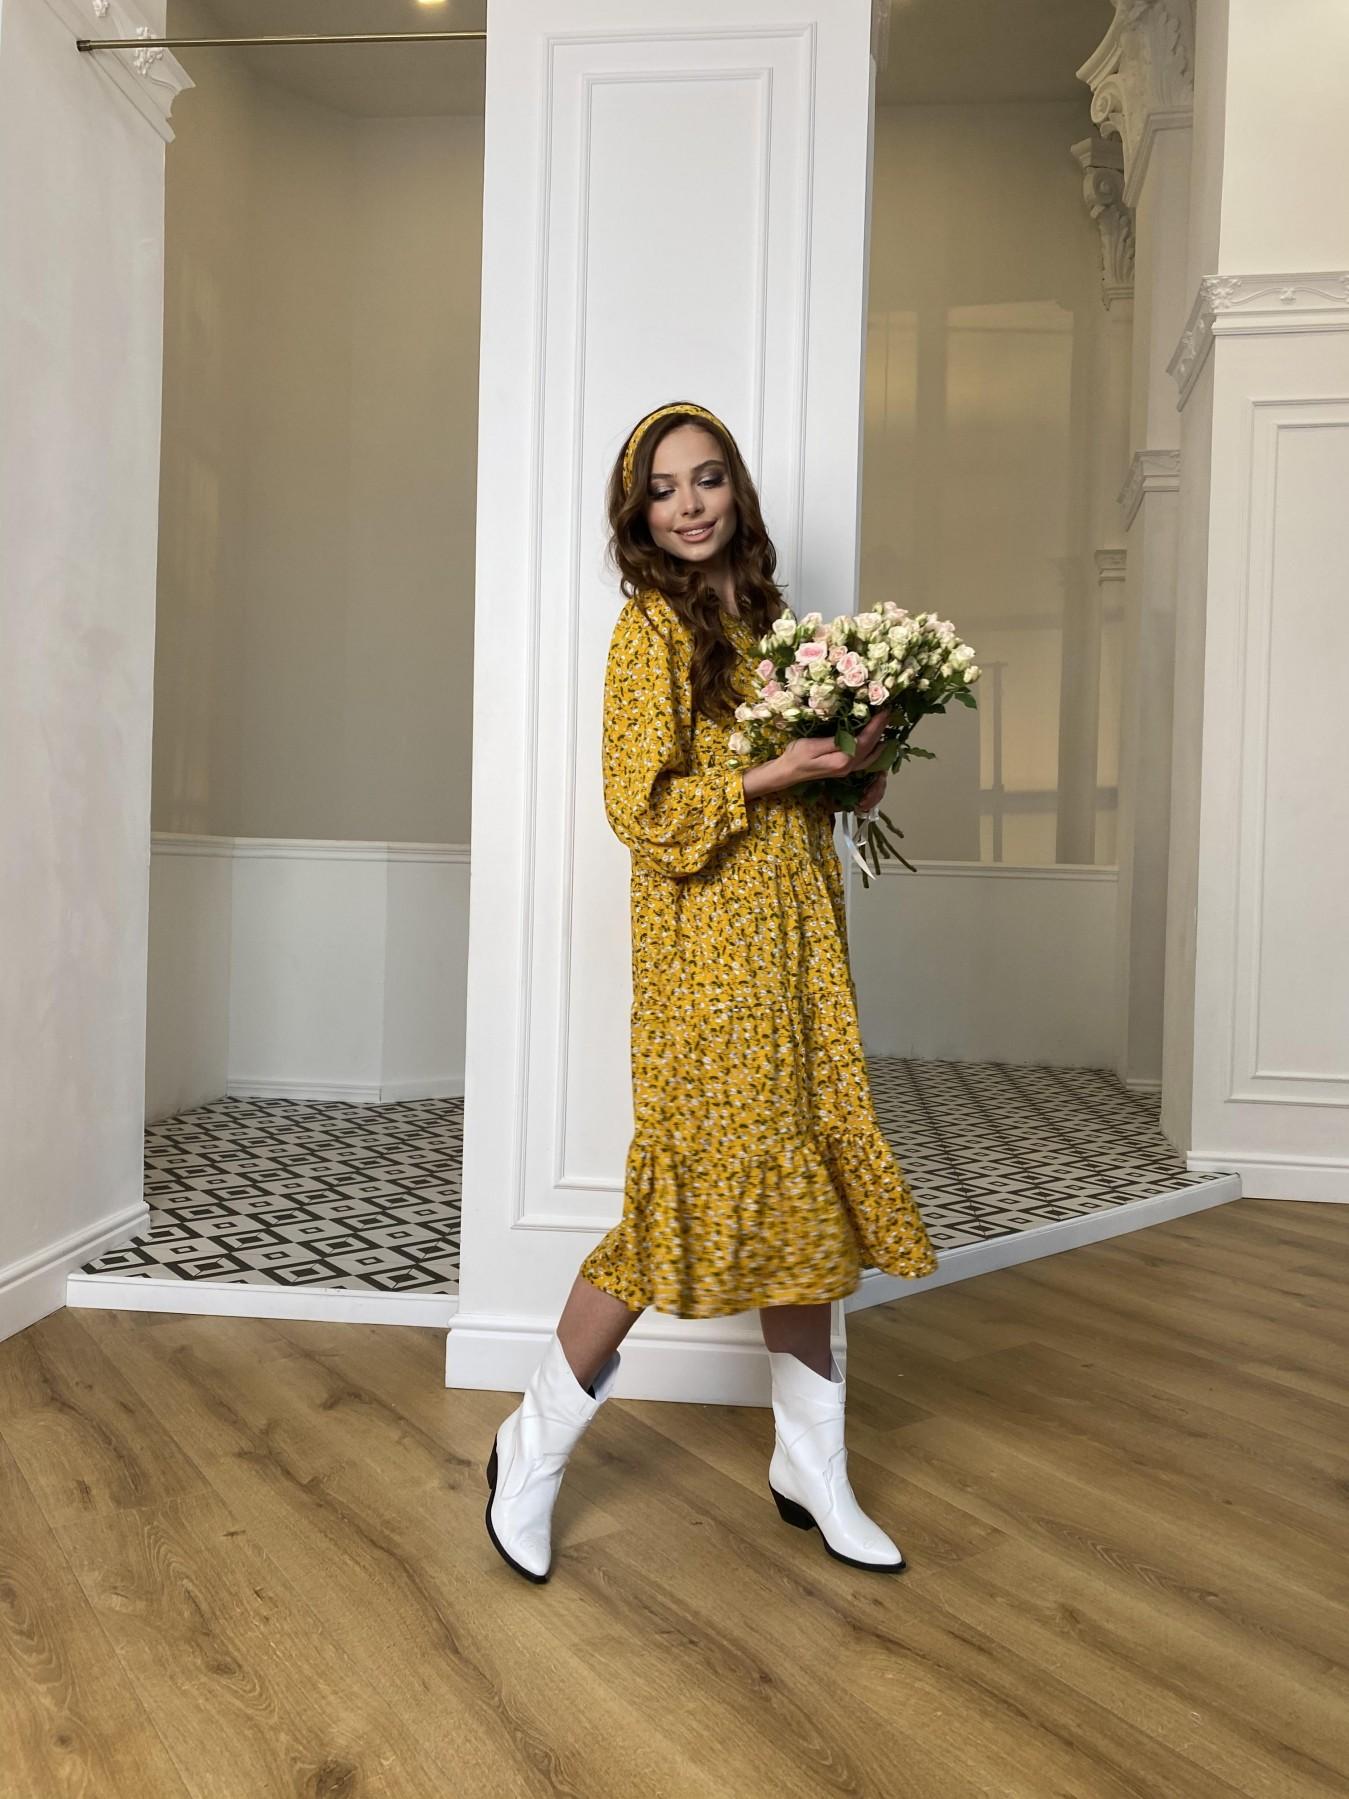 Берри миди штапель принт платье 10875 АРТ. 47344 Цвет: Цветы мел горч/бел/гол - фото 2, интернет магазин tm-modus.ru